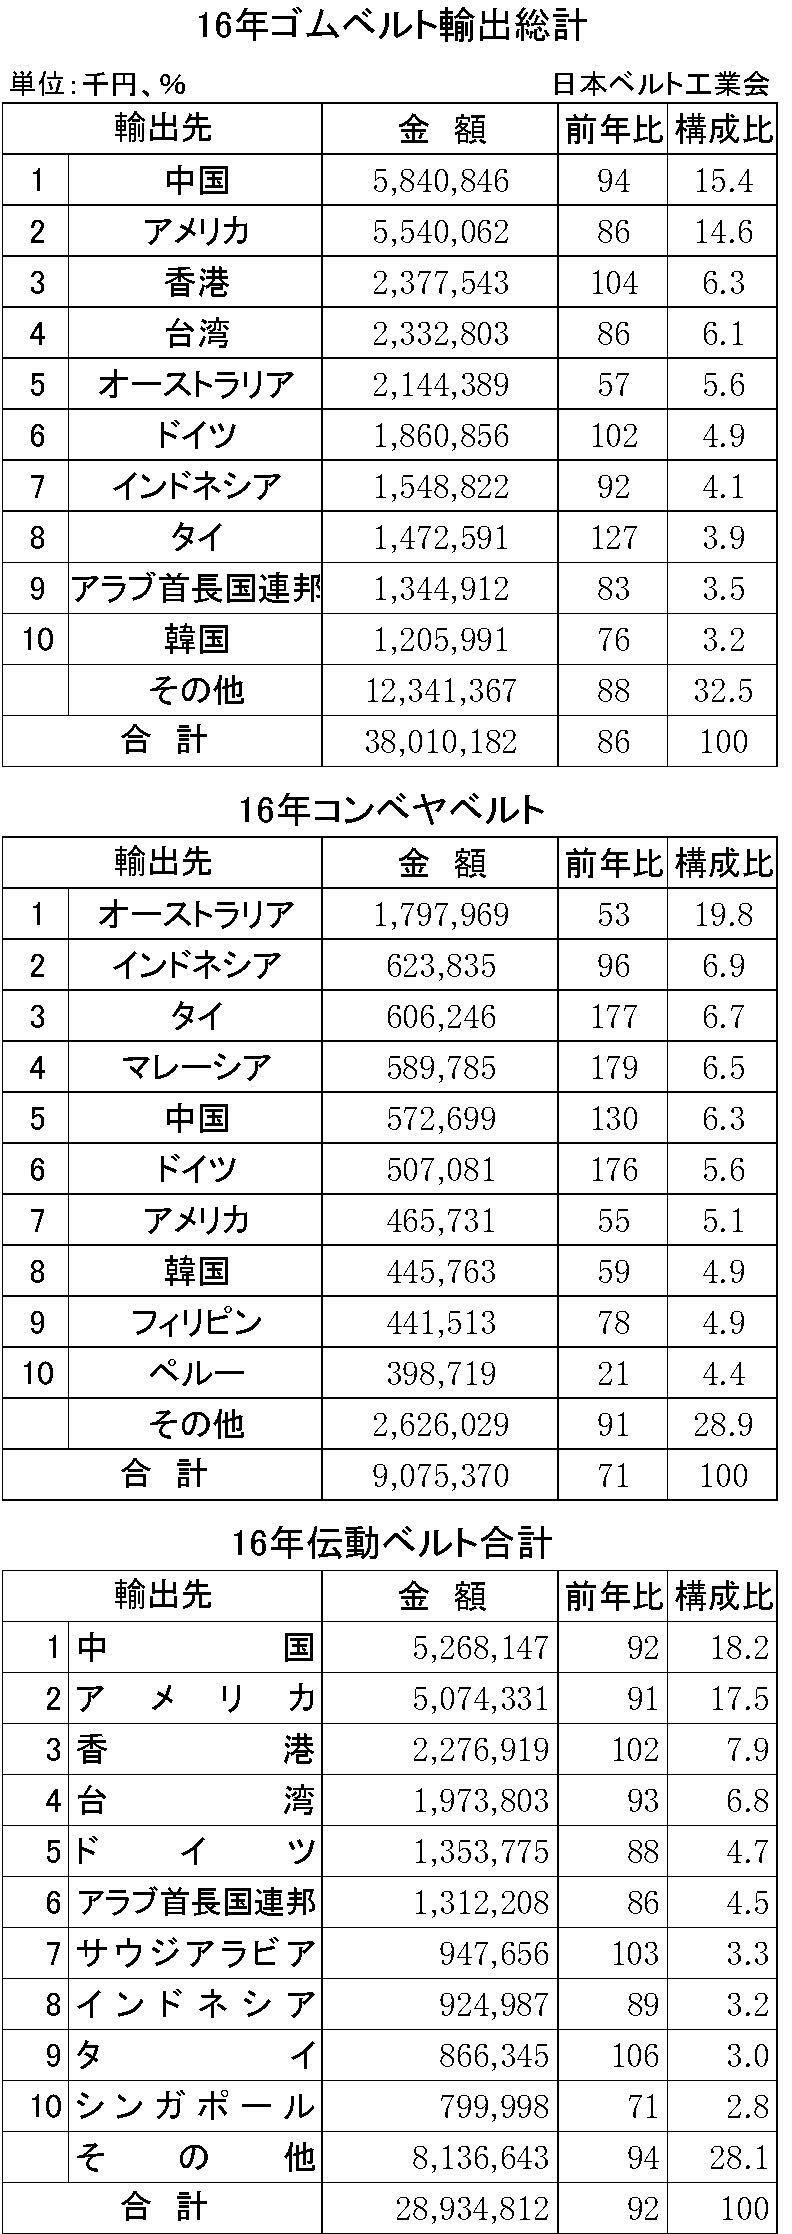 2016年ゴムベルト輸出入状況表01